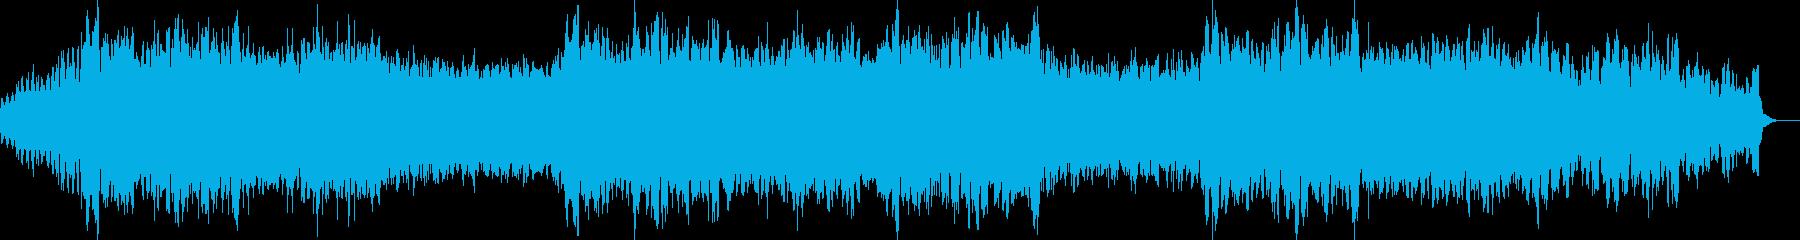 始まりを予感させるオーケストラBGMの再生済みの波形